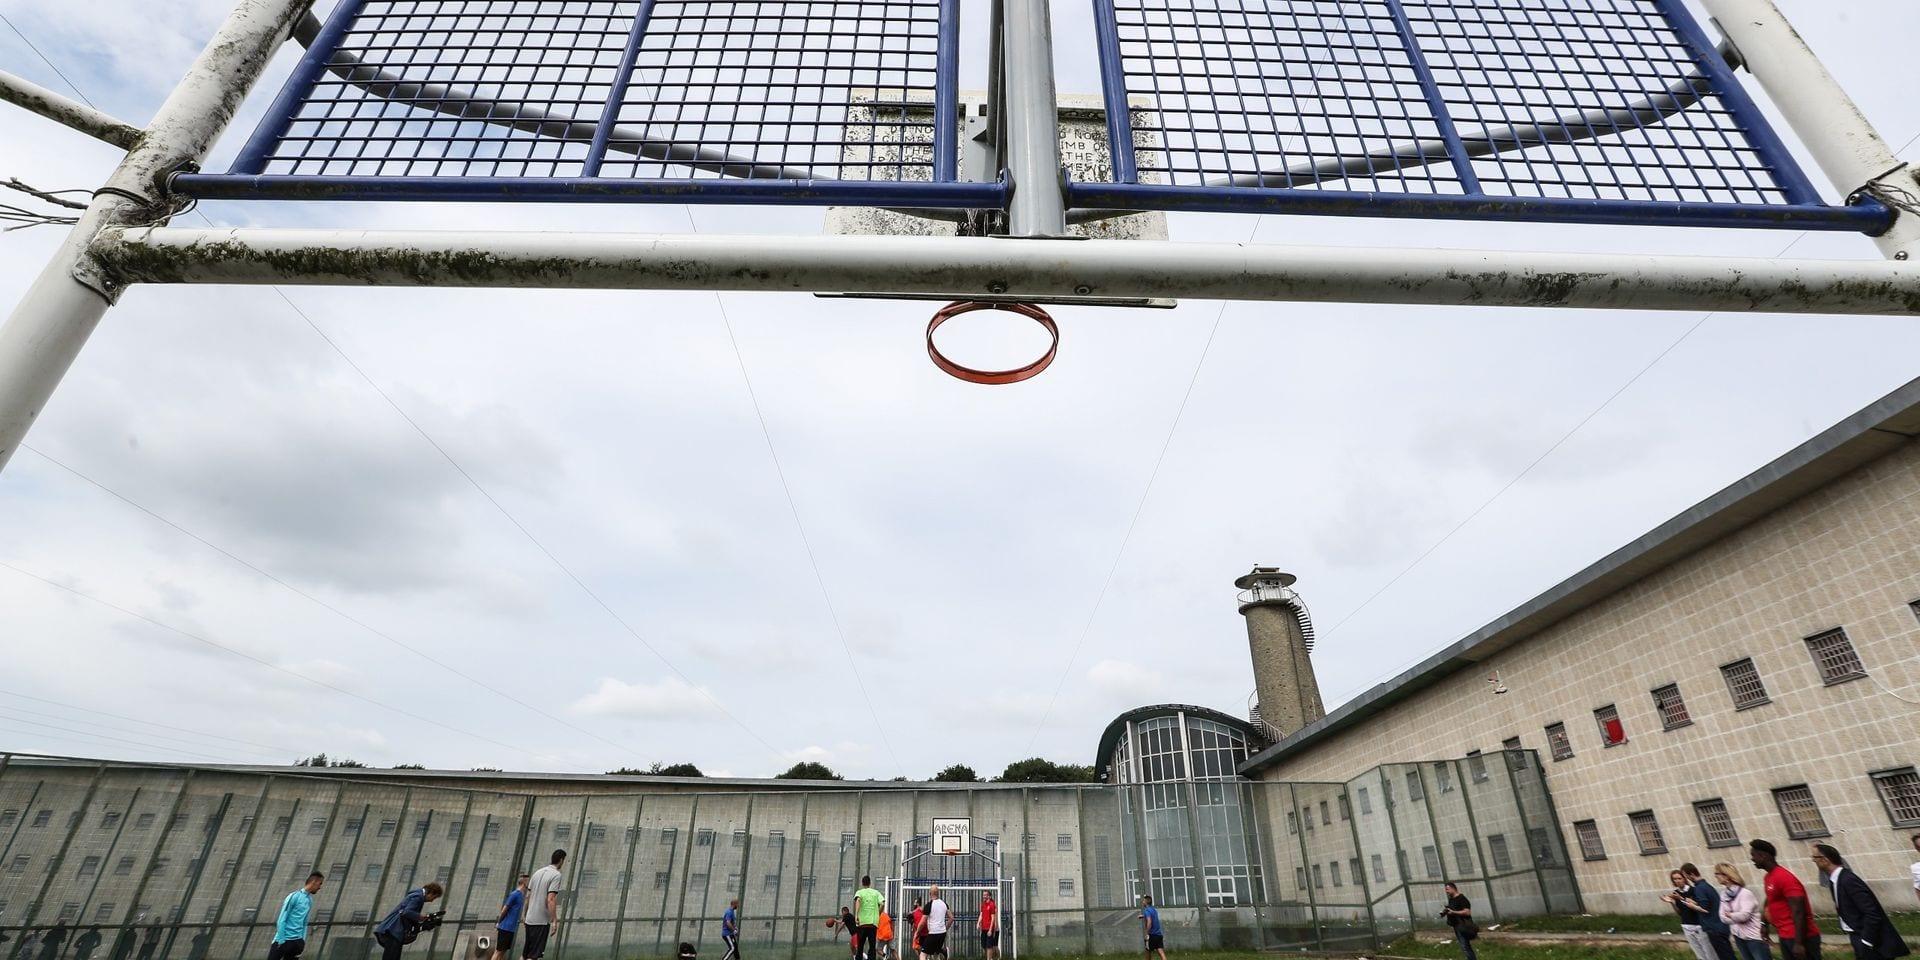 En prison, le nombre de contaminations reste limité